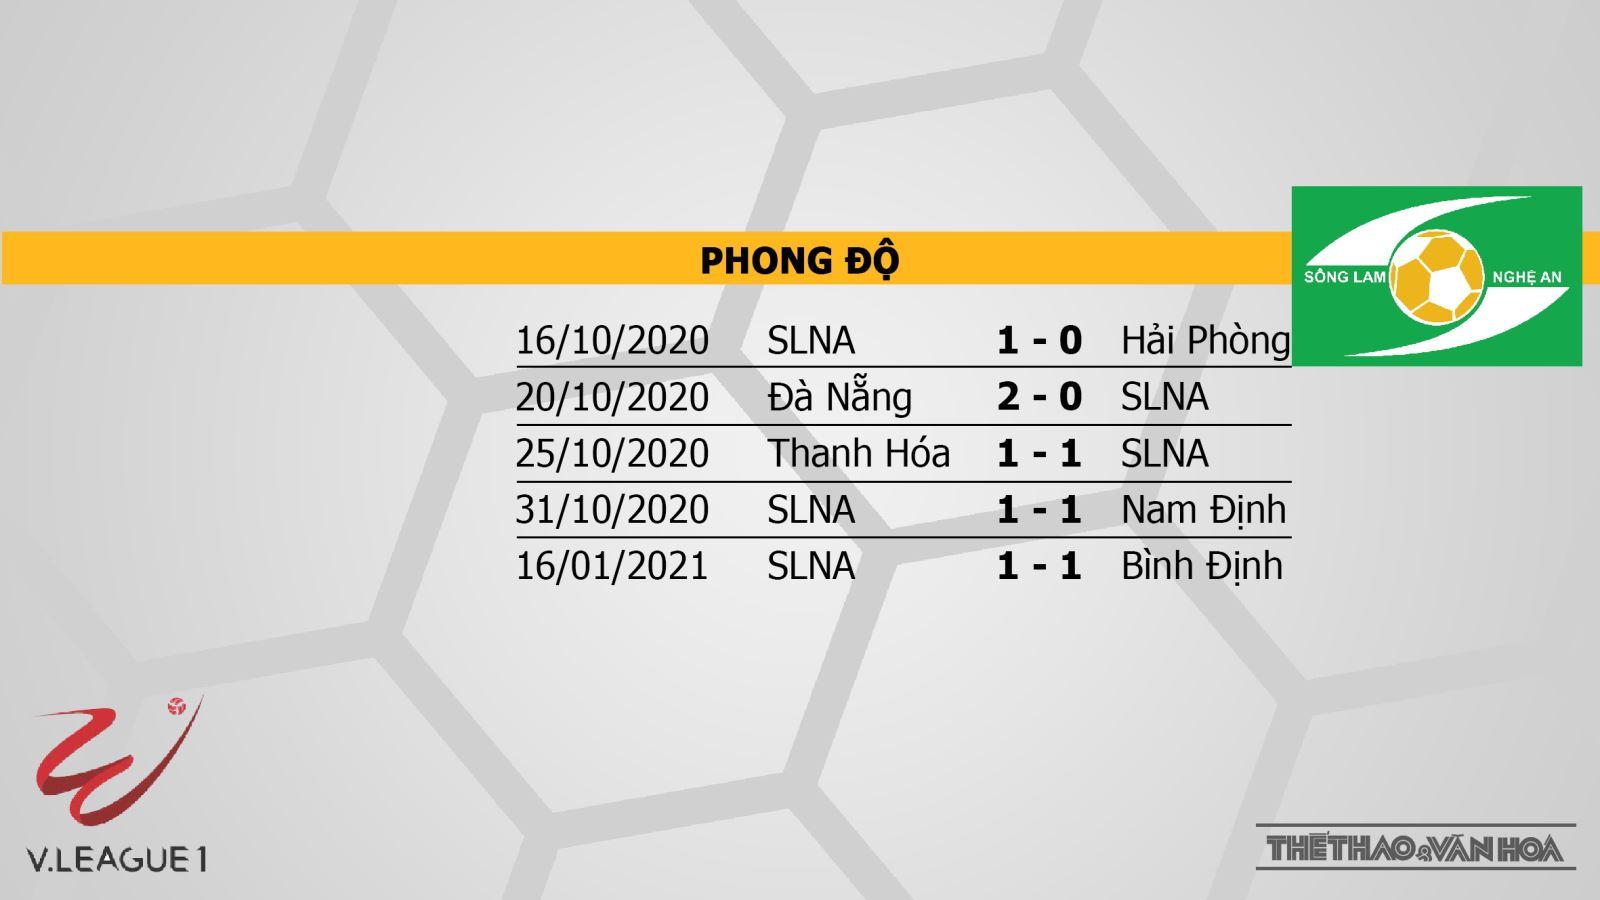 Trực tiếp HAGL vs SLNA, VTV6, BĐTV, VTC3 trực tiếp bóng đá V-League 2021, Trực tiếp bóng đá, Trực tiếp Hoàng Anh Gia Lai đấu với Sông Lam Nghệ An, Trực tiếp bóng đá VN